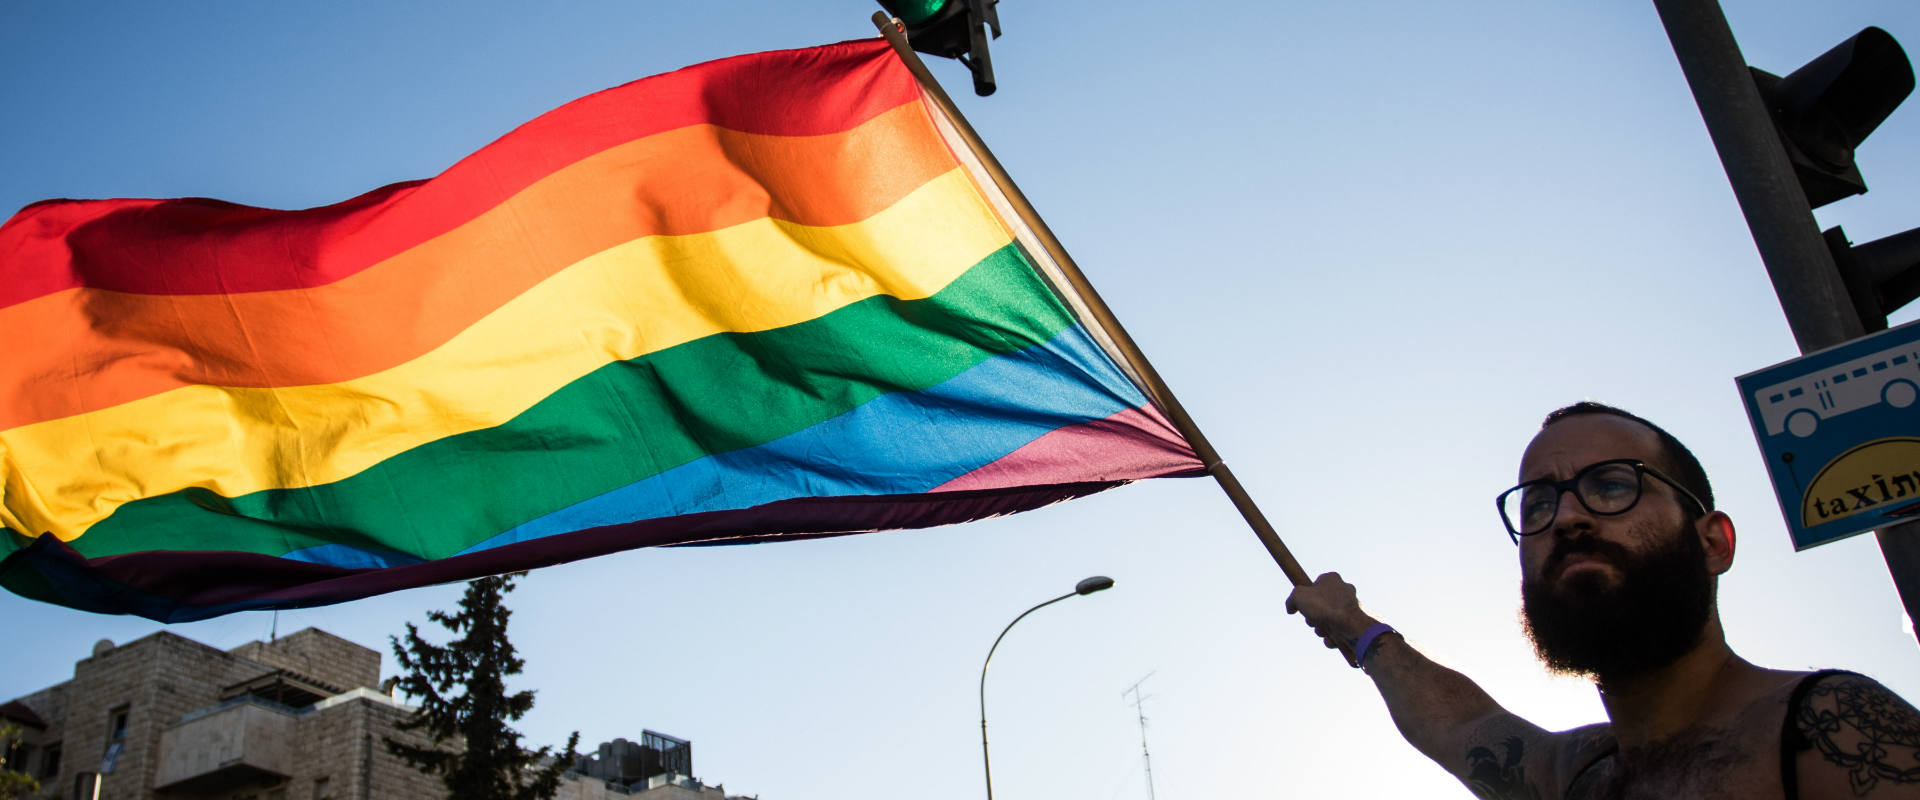 צועד במצעד הגאווה